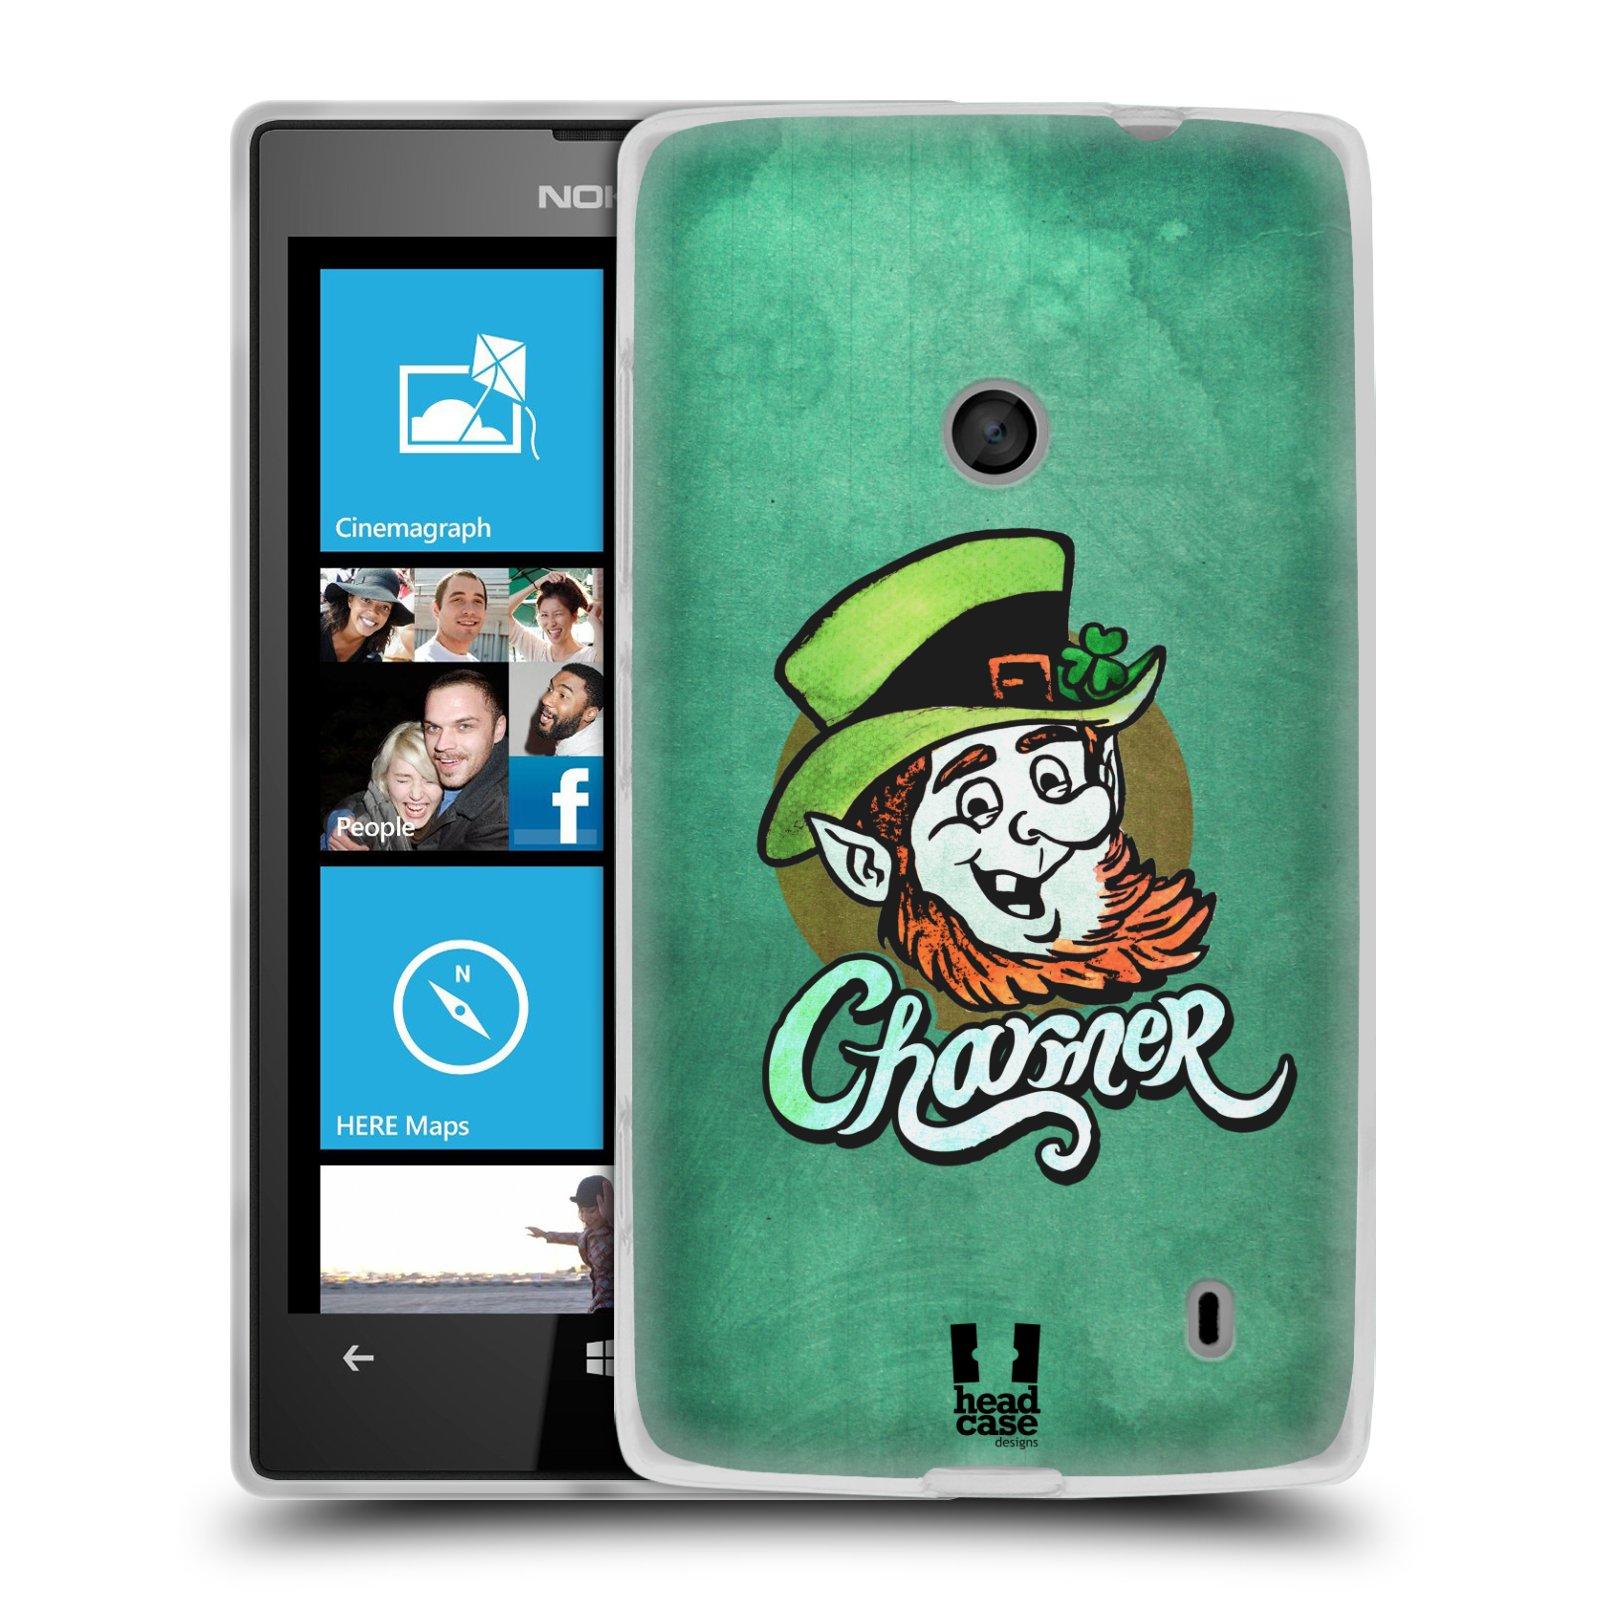 Silikonové pouzdro na mobil Nokia Lumia 520 HEAD CASE CHARMER (Silikonový Kryt či obal na mobilní telefon Nokia Lumia 520)